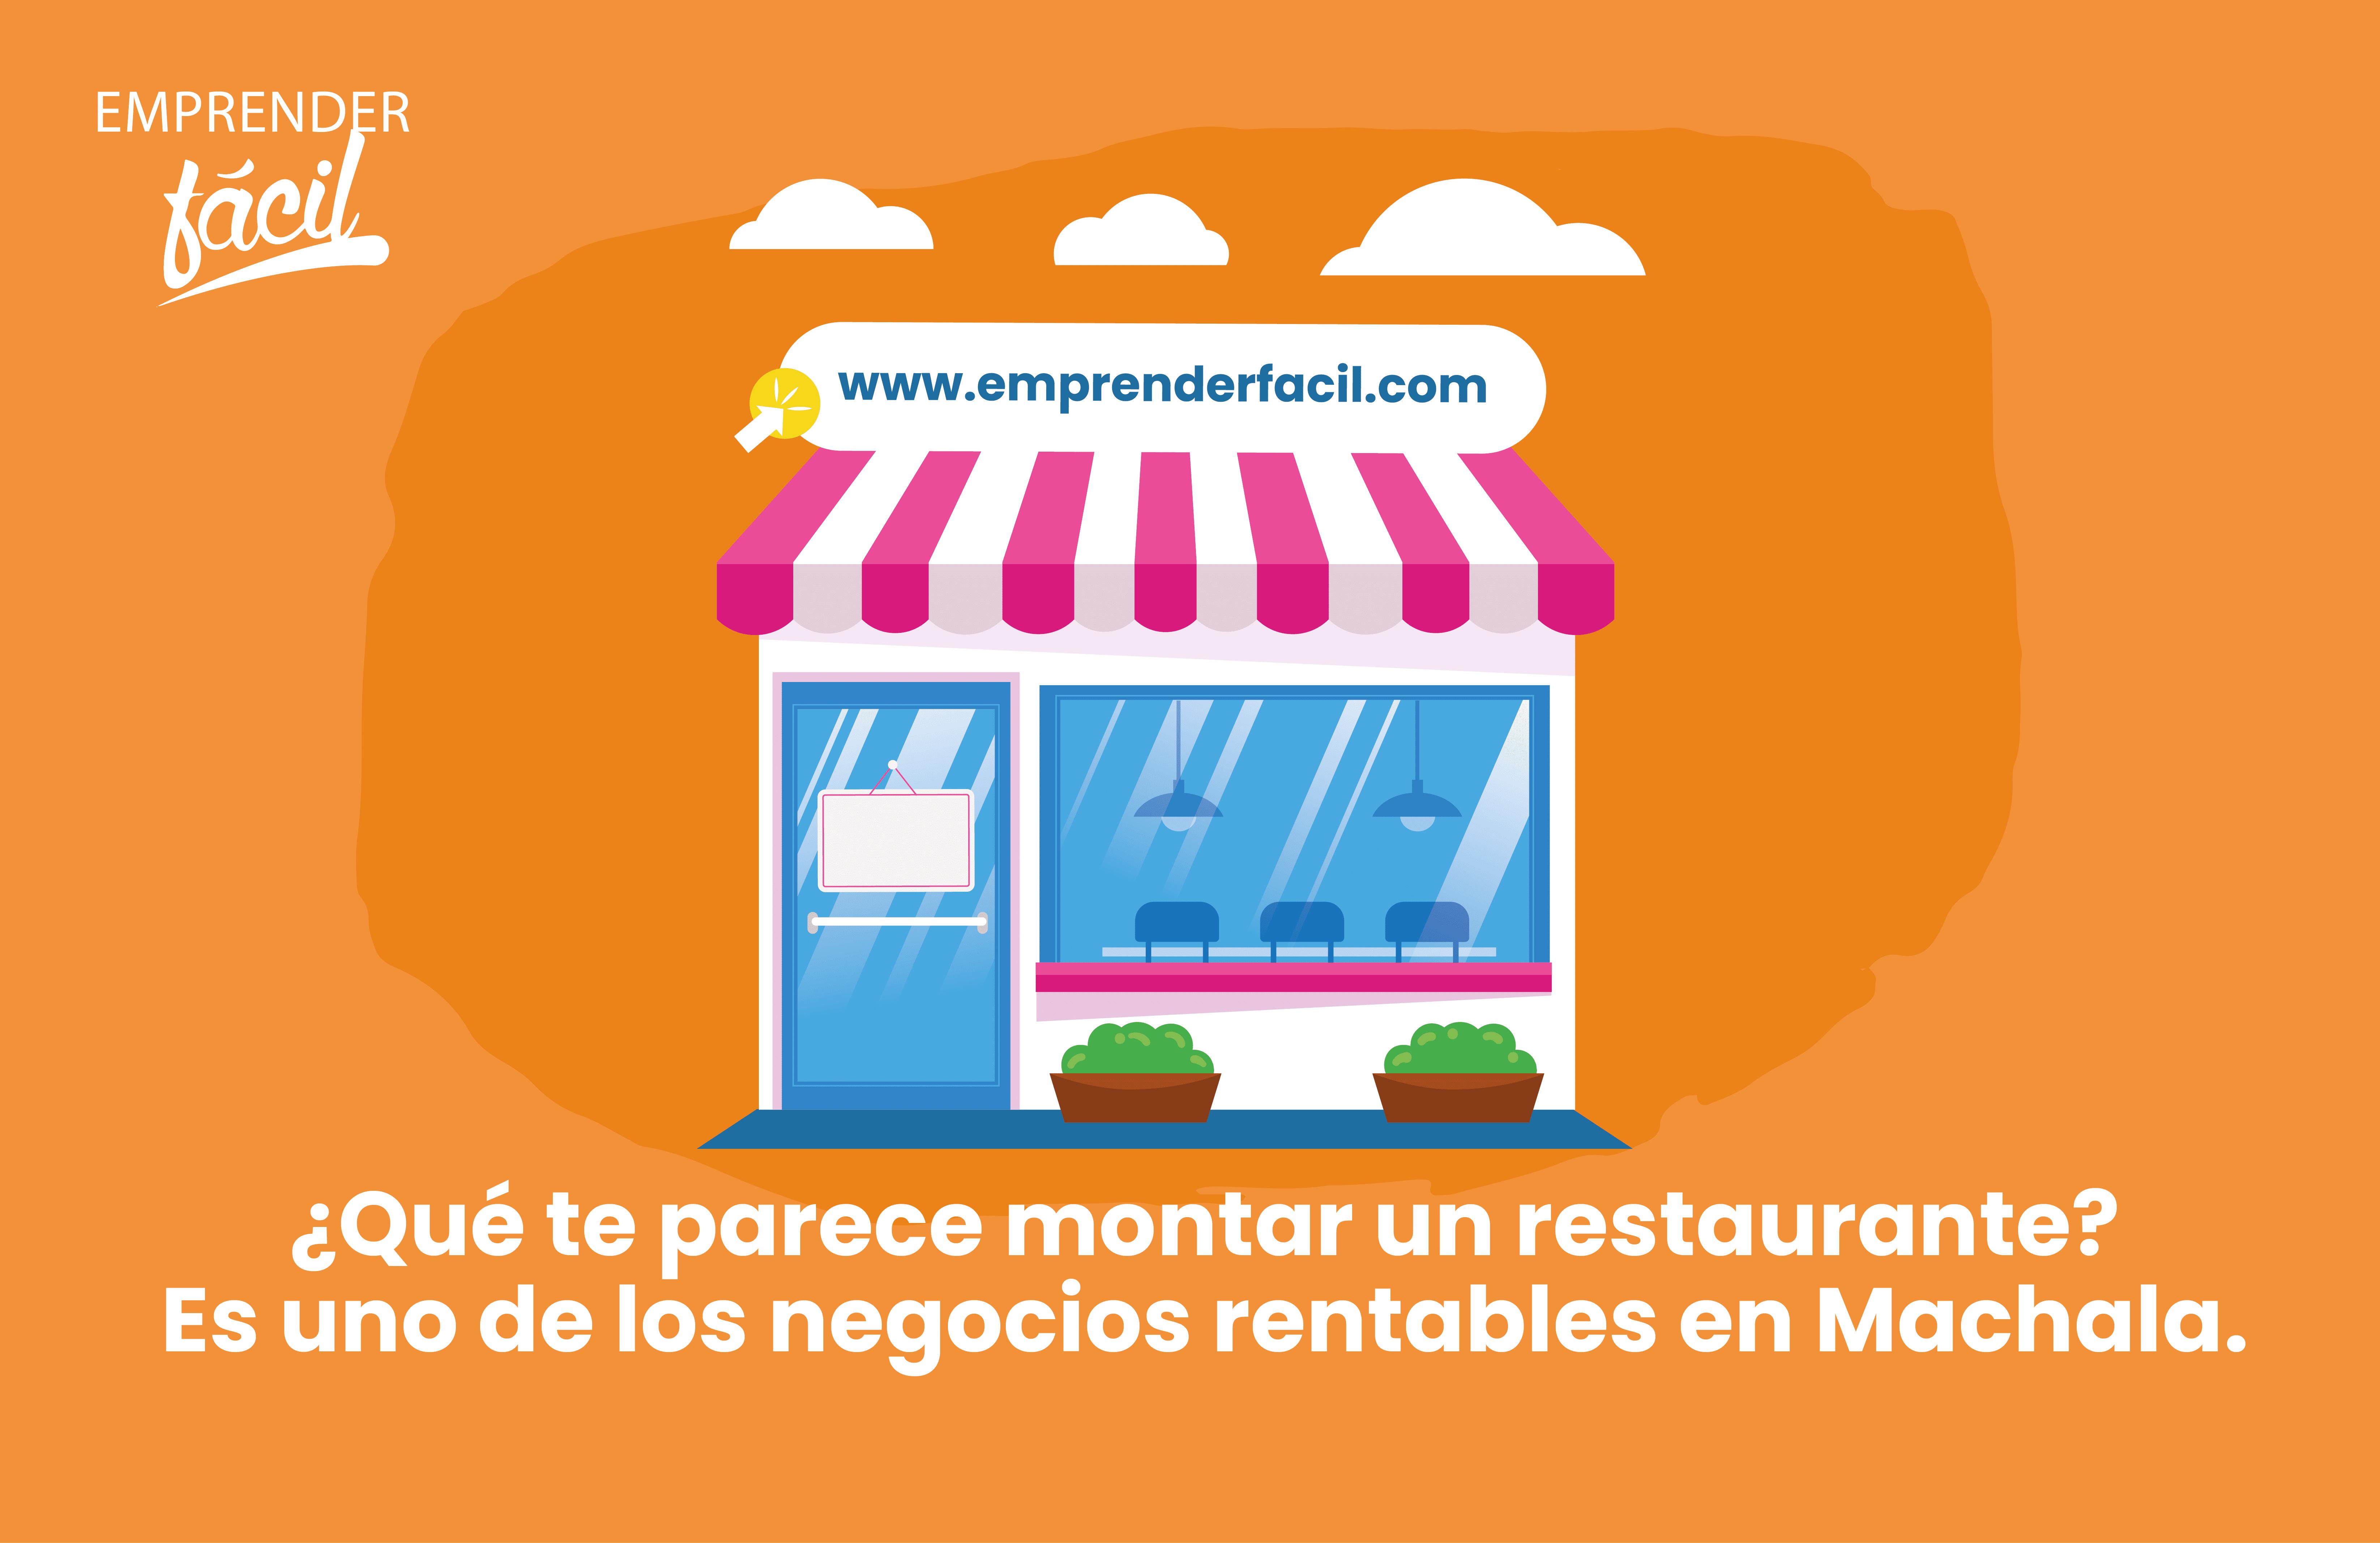 ¿Qué te parece montar un restaurante? Es uno de los negocios rentables en Machala.